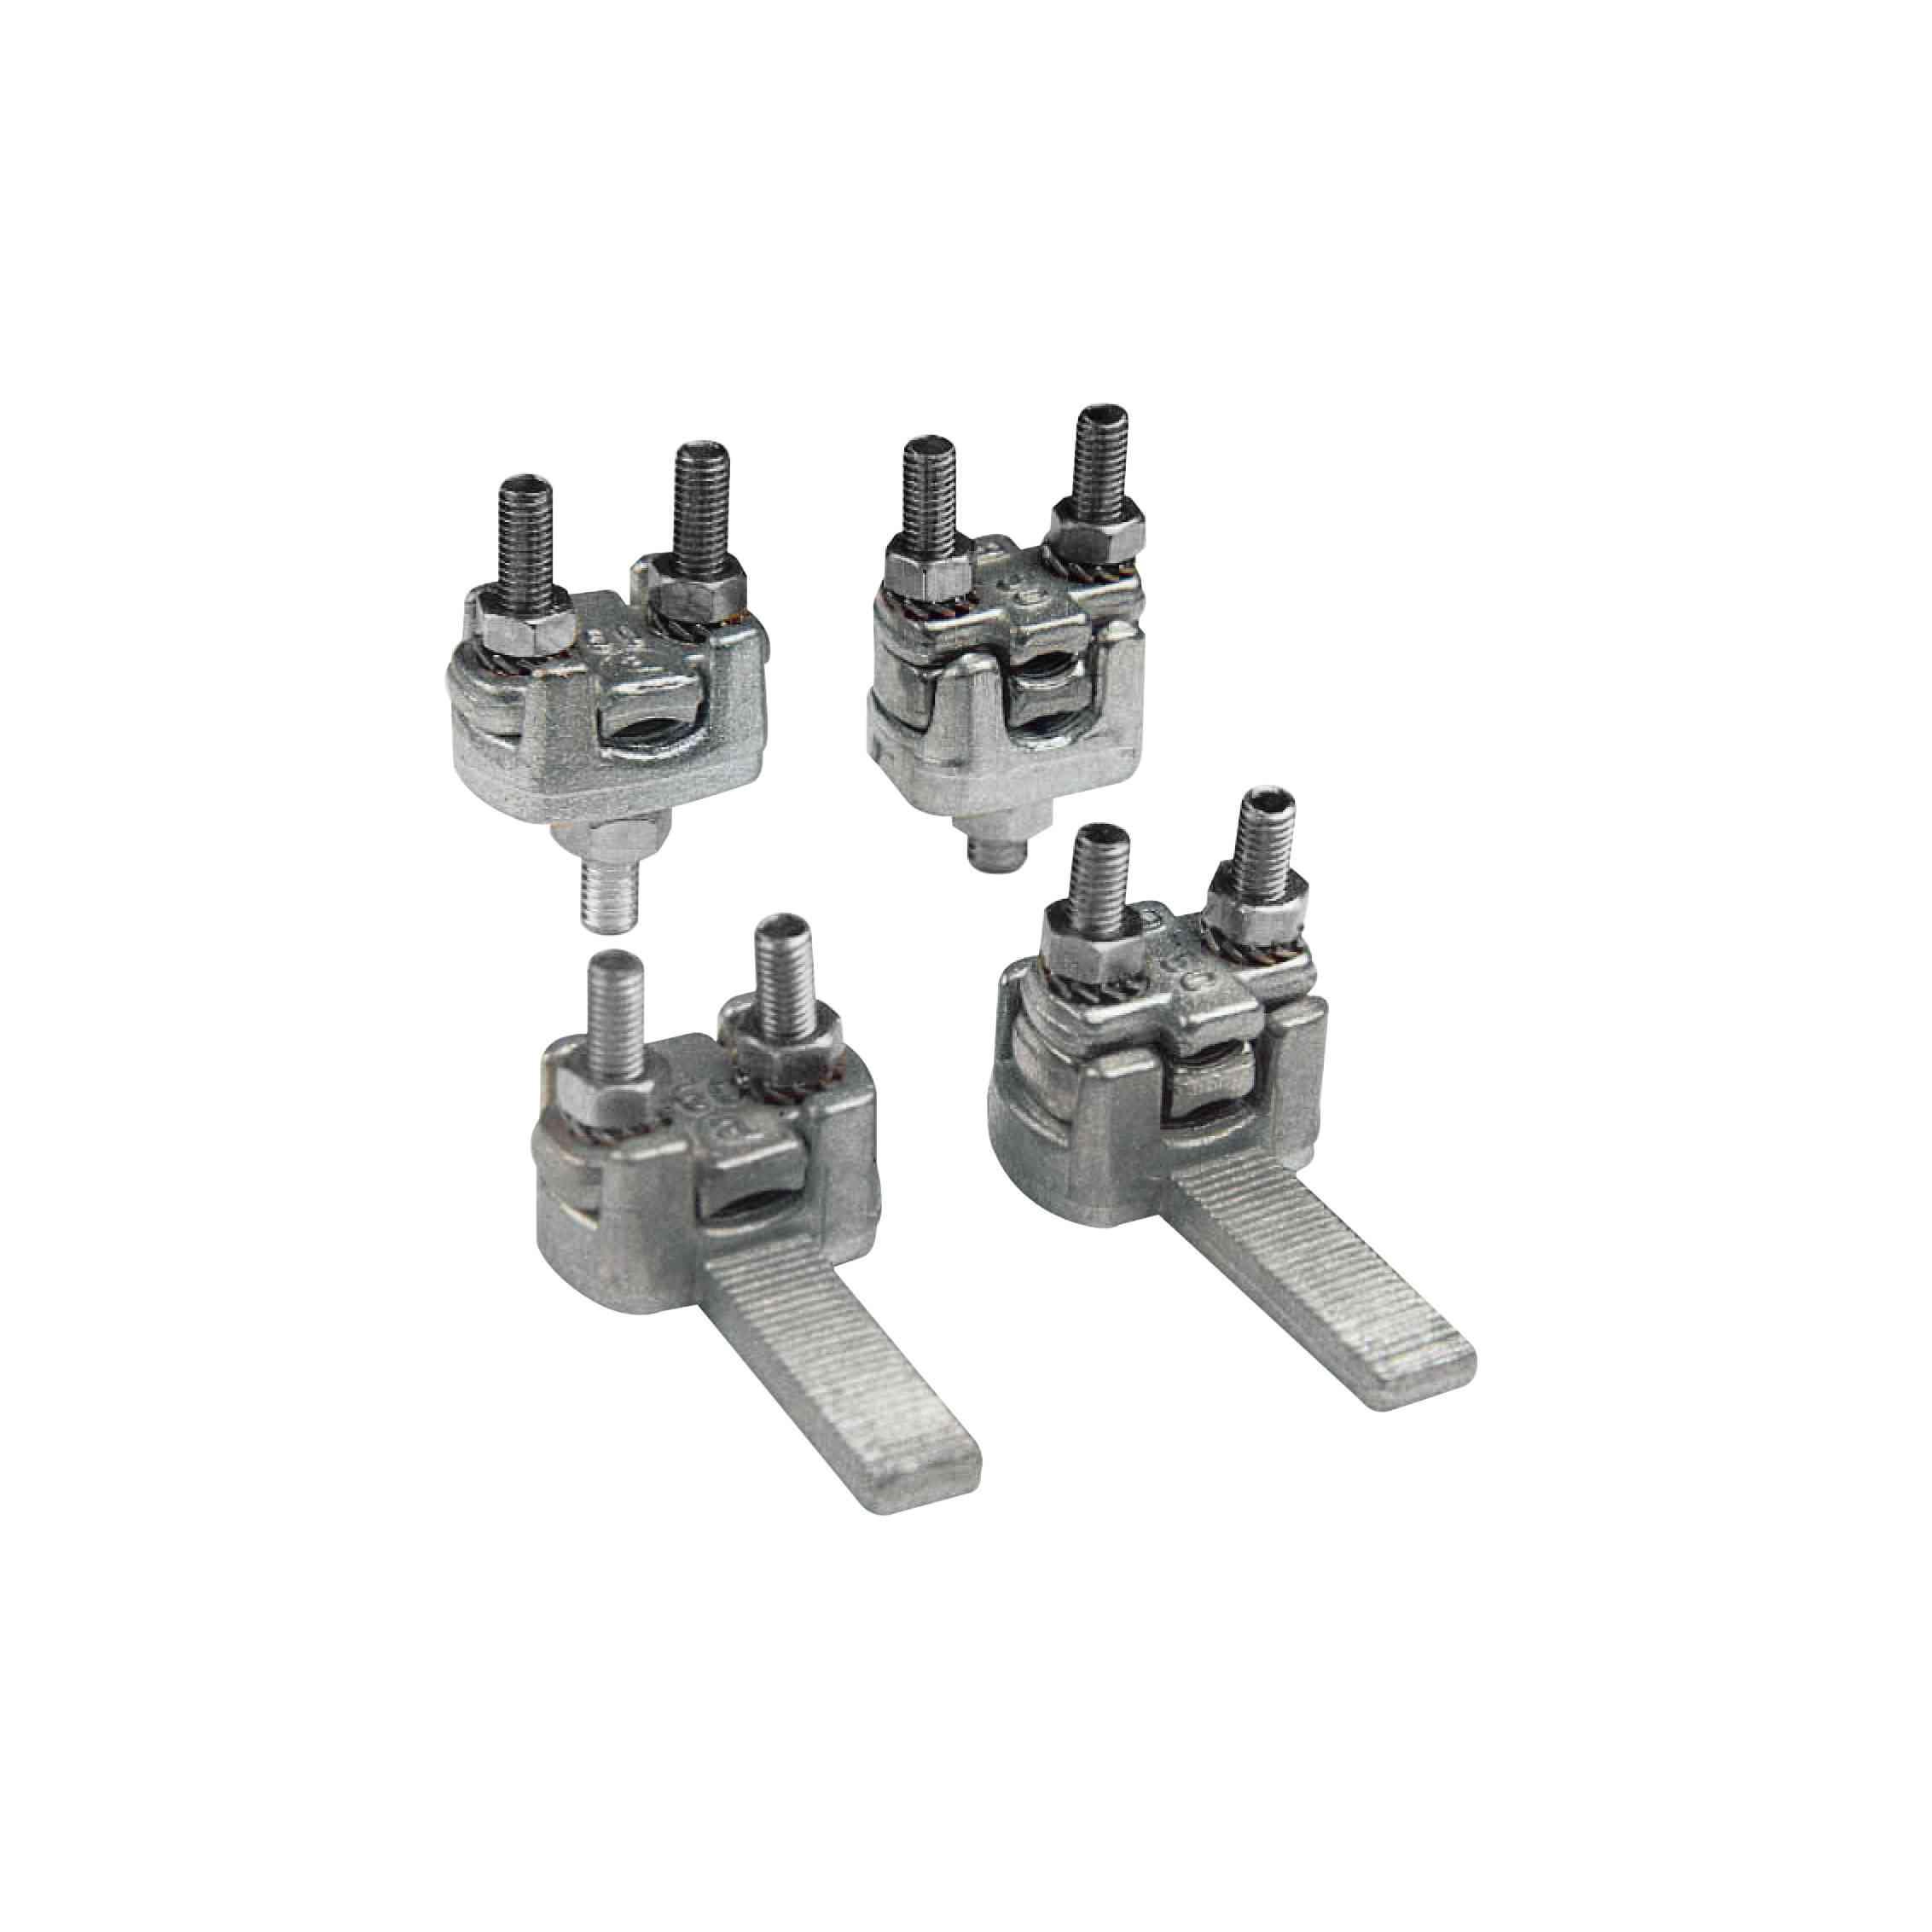 Bimetalni priključki, glavni presek in presek spoja 10 do 95 mm²